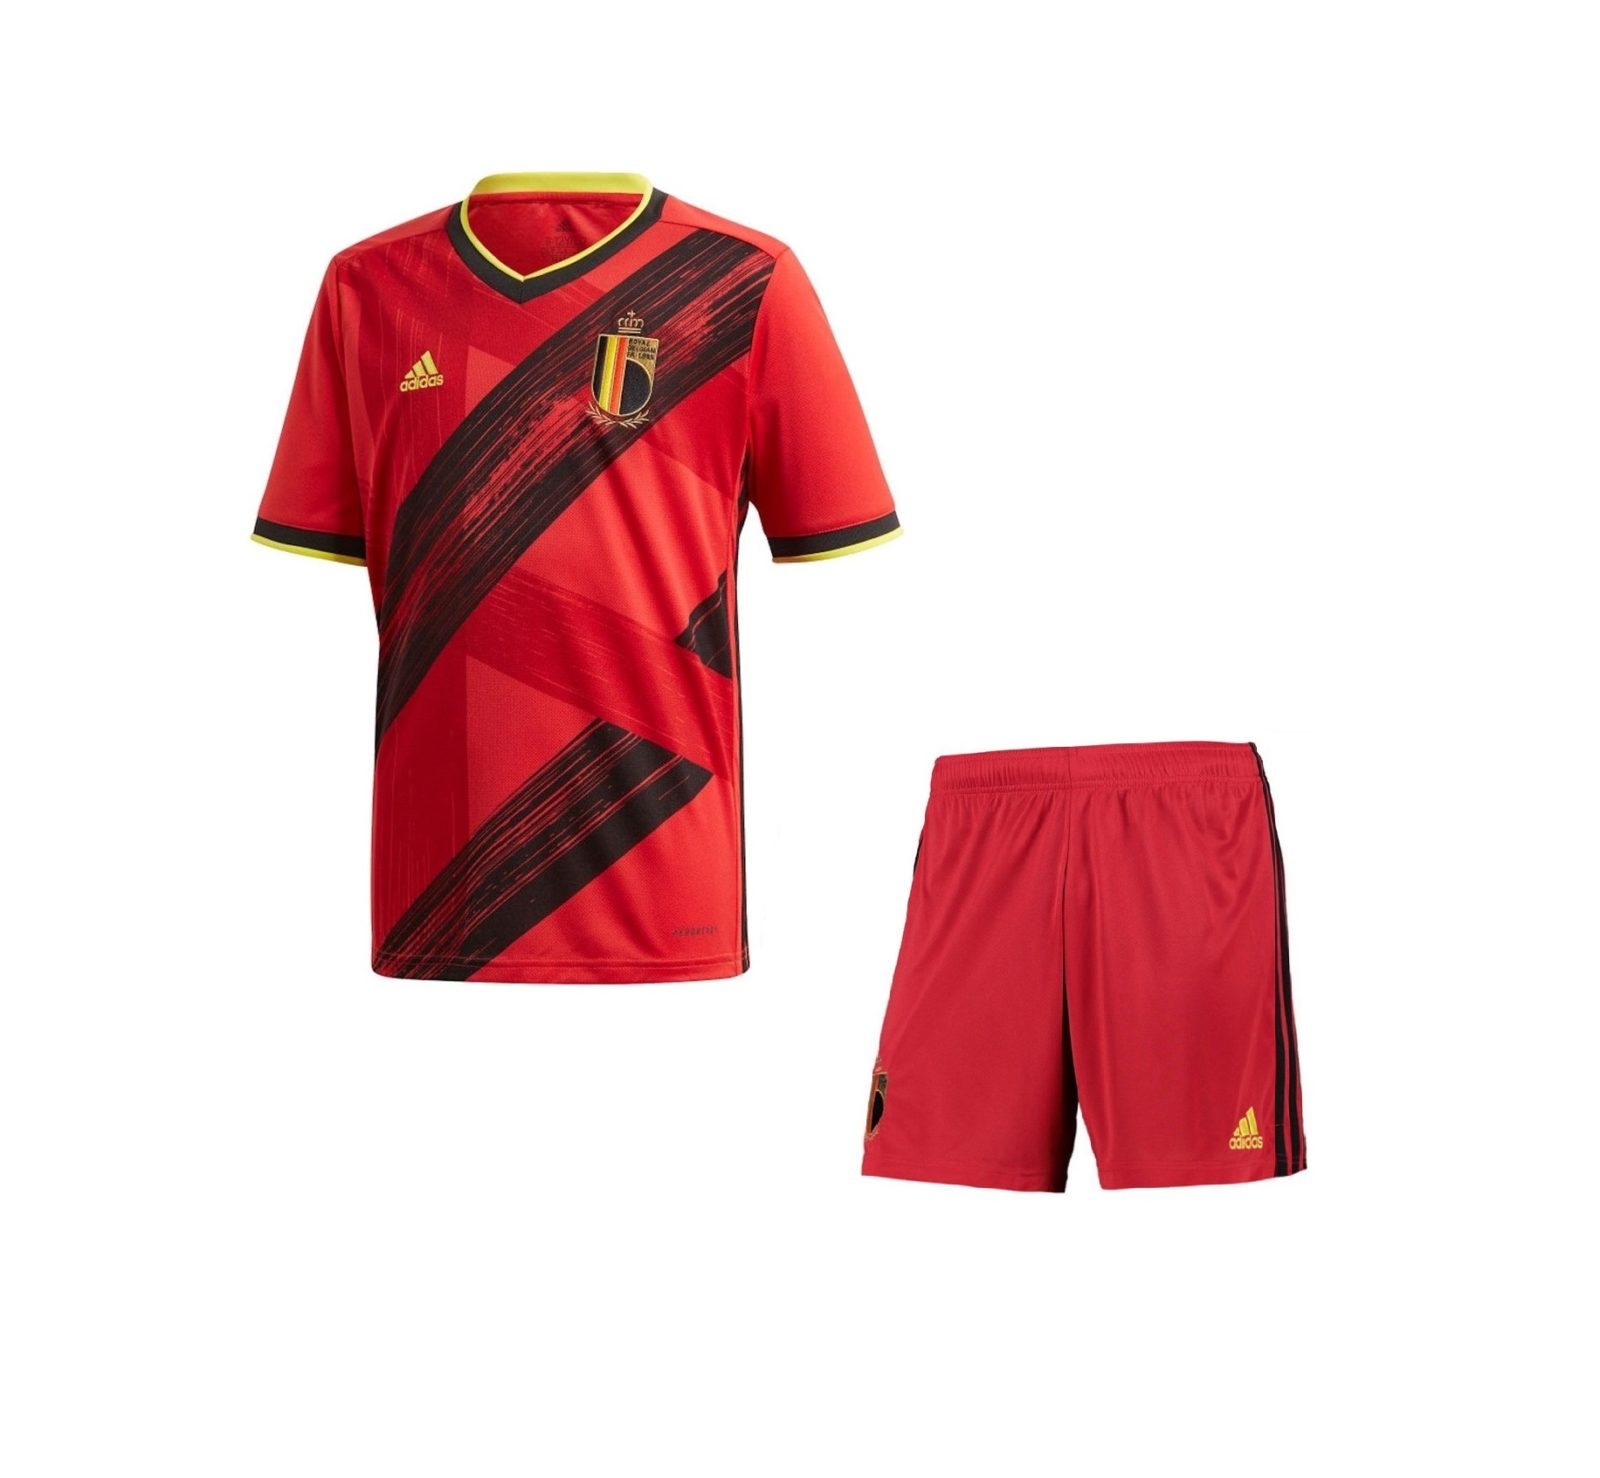 Детская форма сборной Бельгии 2020